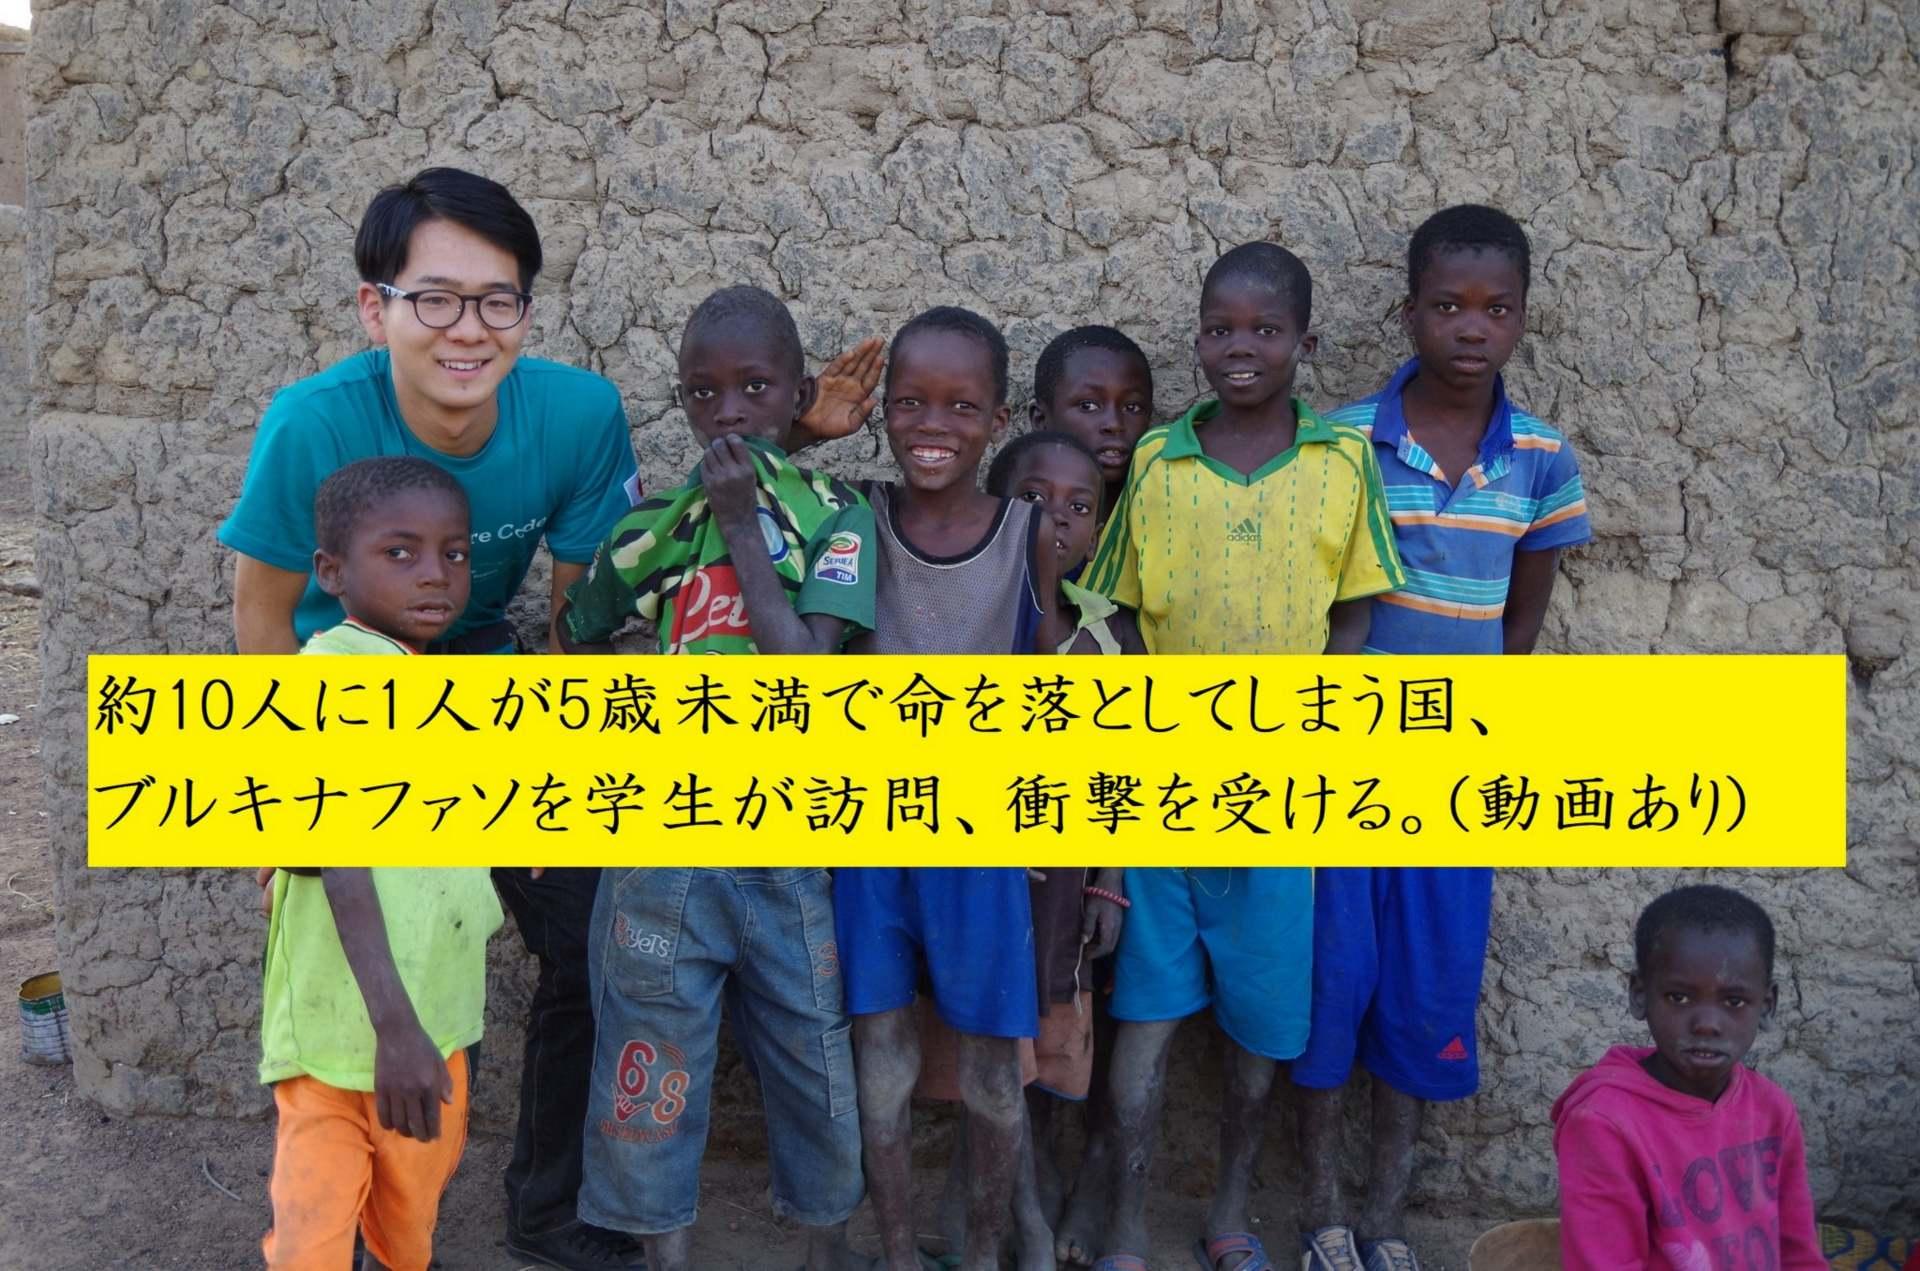 最貧国ブルキナファソ、学生がシアバターで国際協力に挑む。